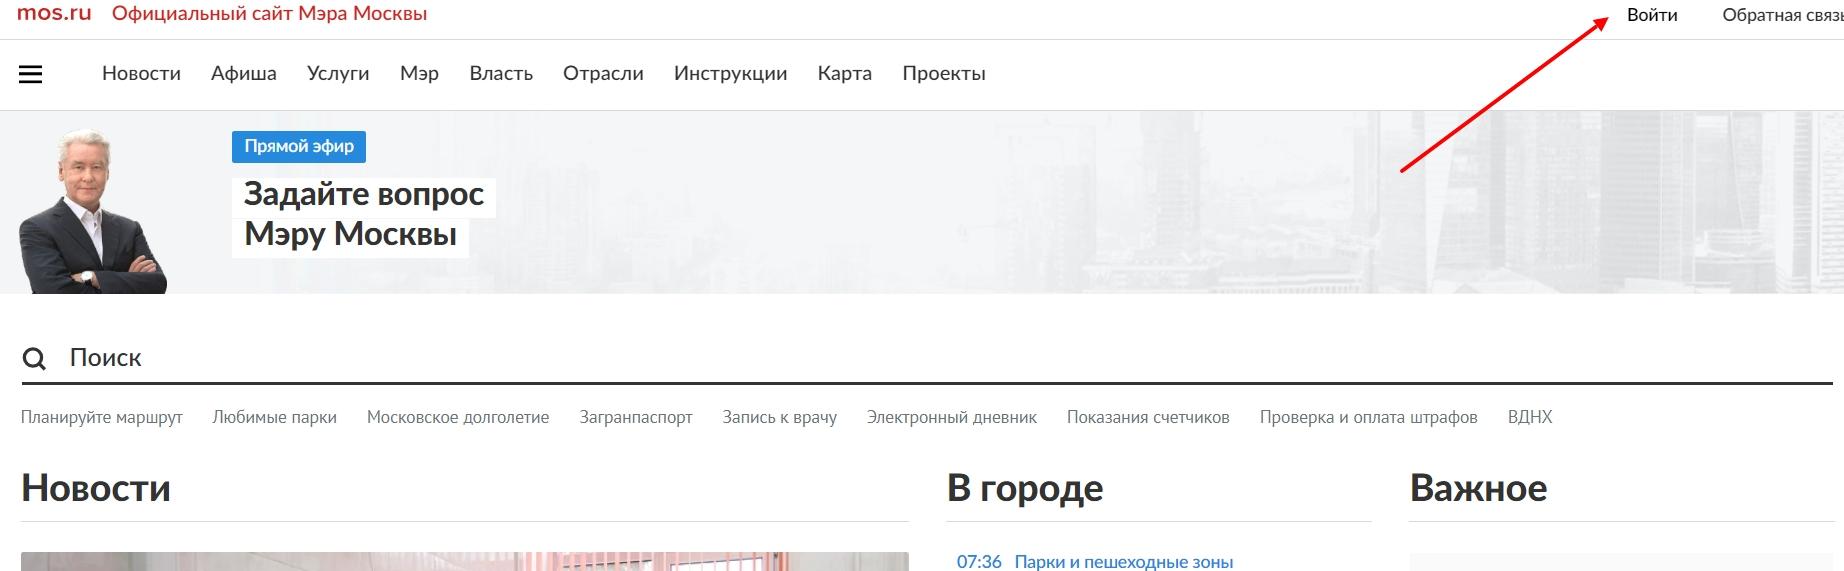 Войти в кабинет государственных услуг Москвы